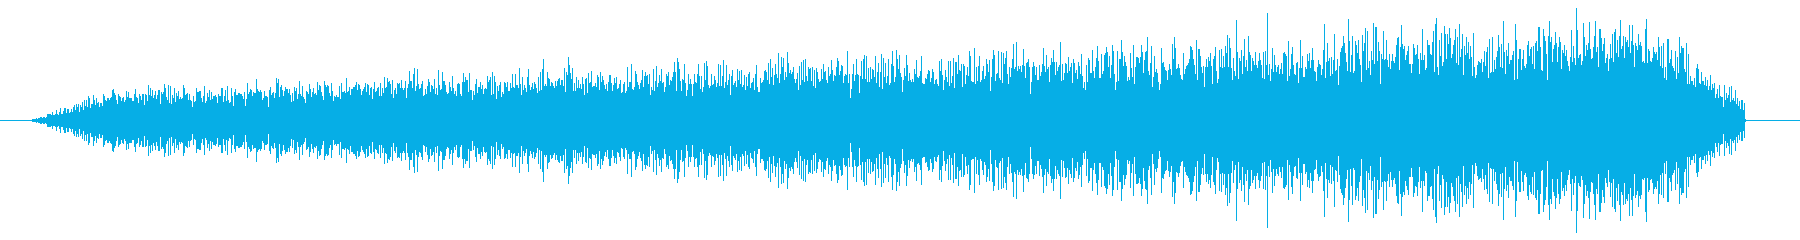 シュイーン。吸い込みの効果音です。の再生済みの波形